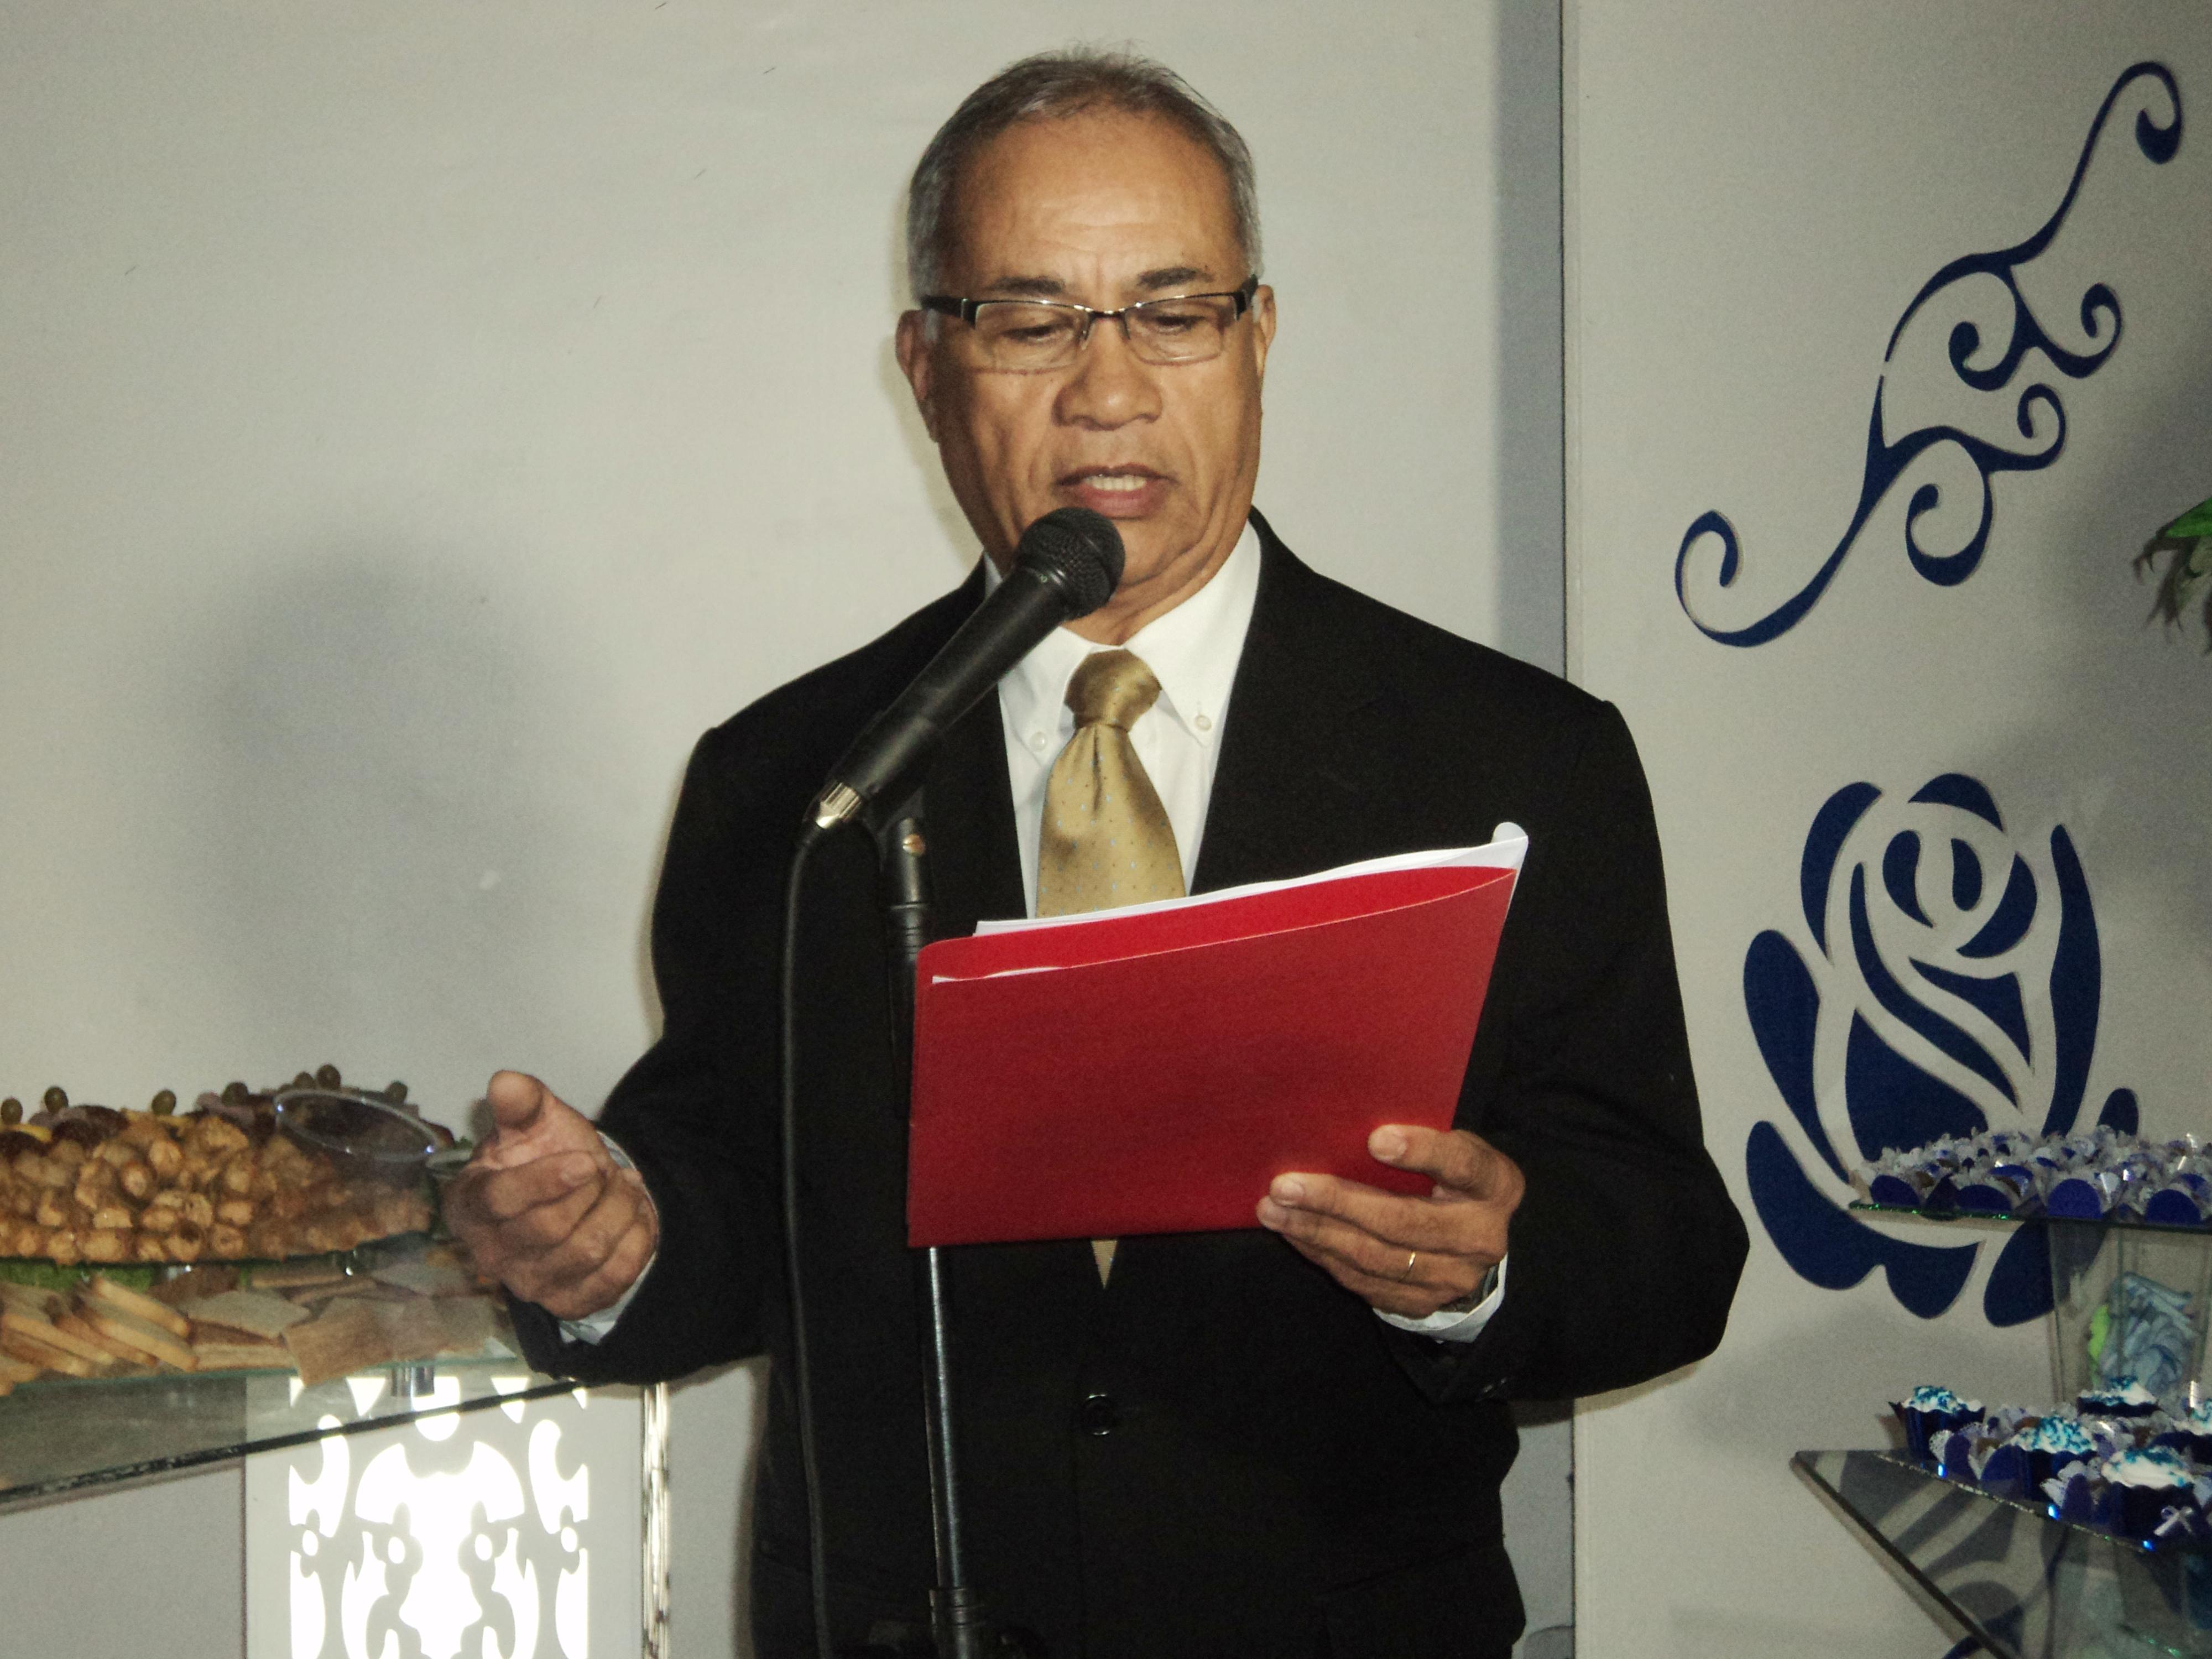 Foto de Túlio apresentando o cerimonial da Mariane.